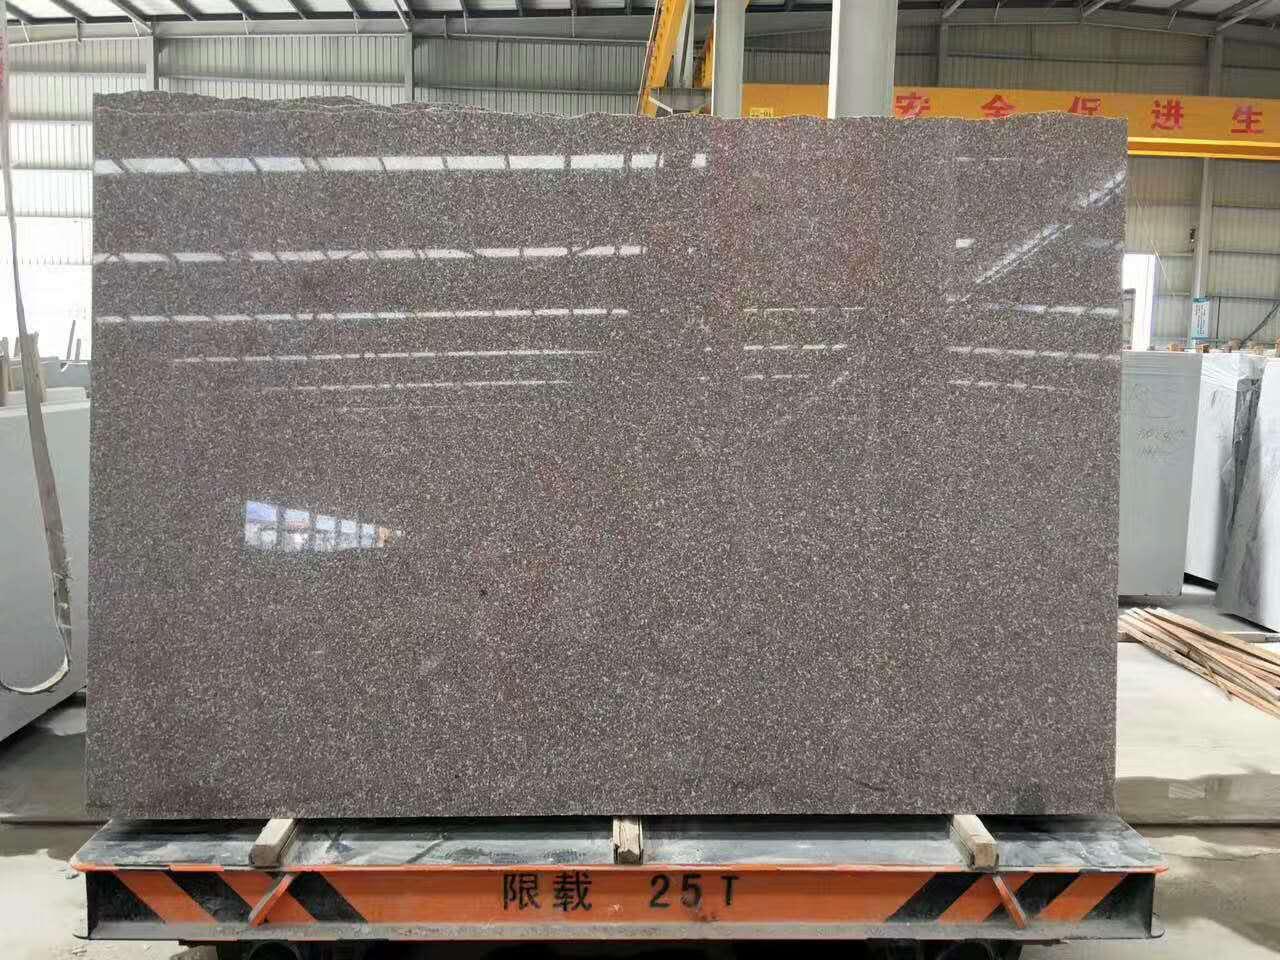 NEW G664 Pink Granite Slabs Granite Tiles For Flooring